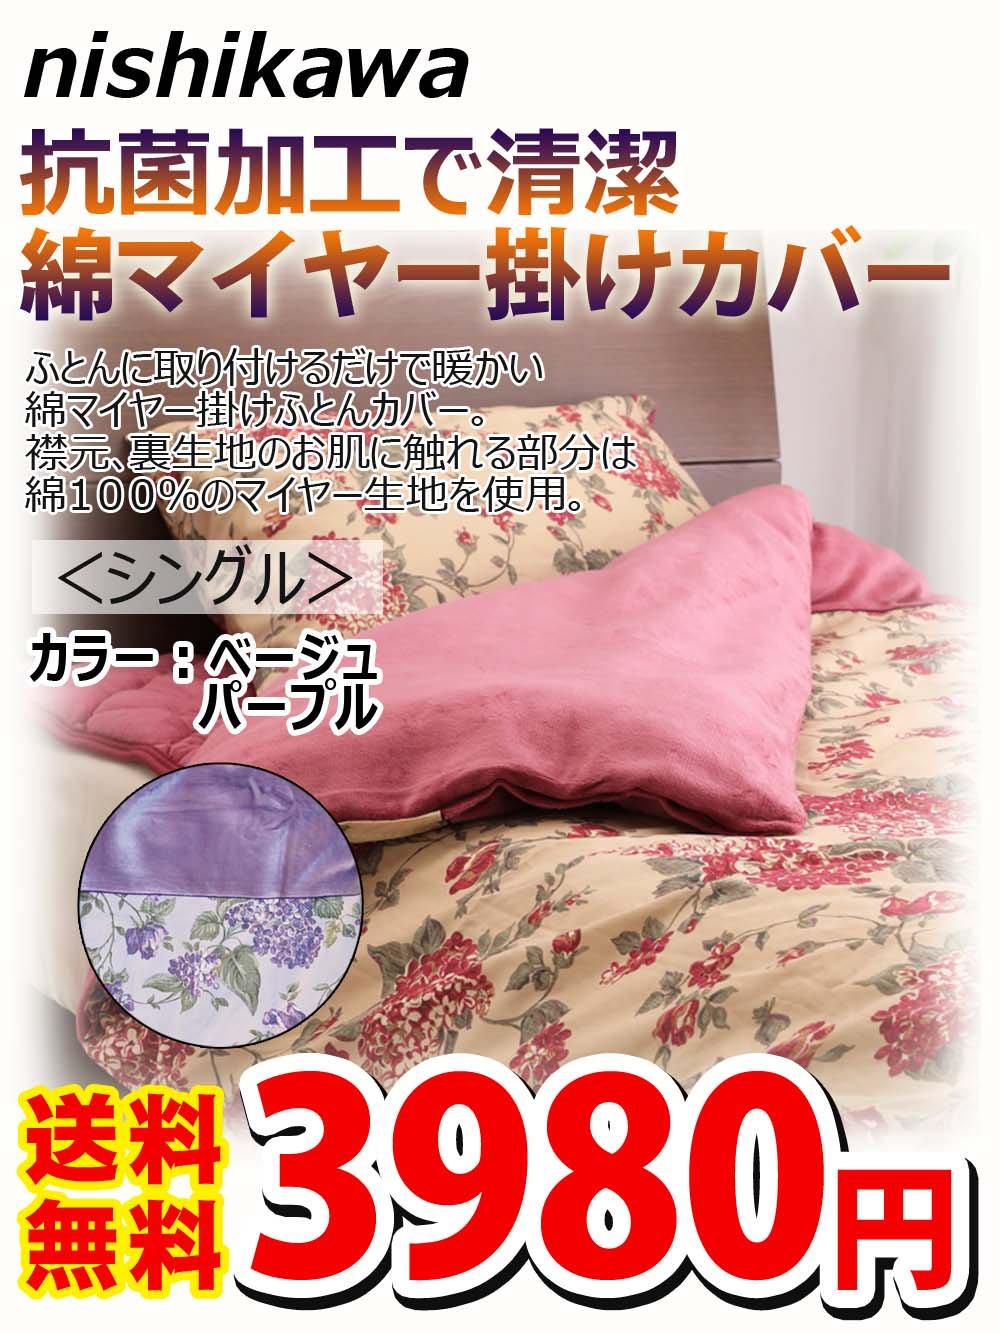 【送料無料】西川 抗菌加工で清潔!綿マイヤー掛けカバー【3980円】